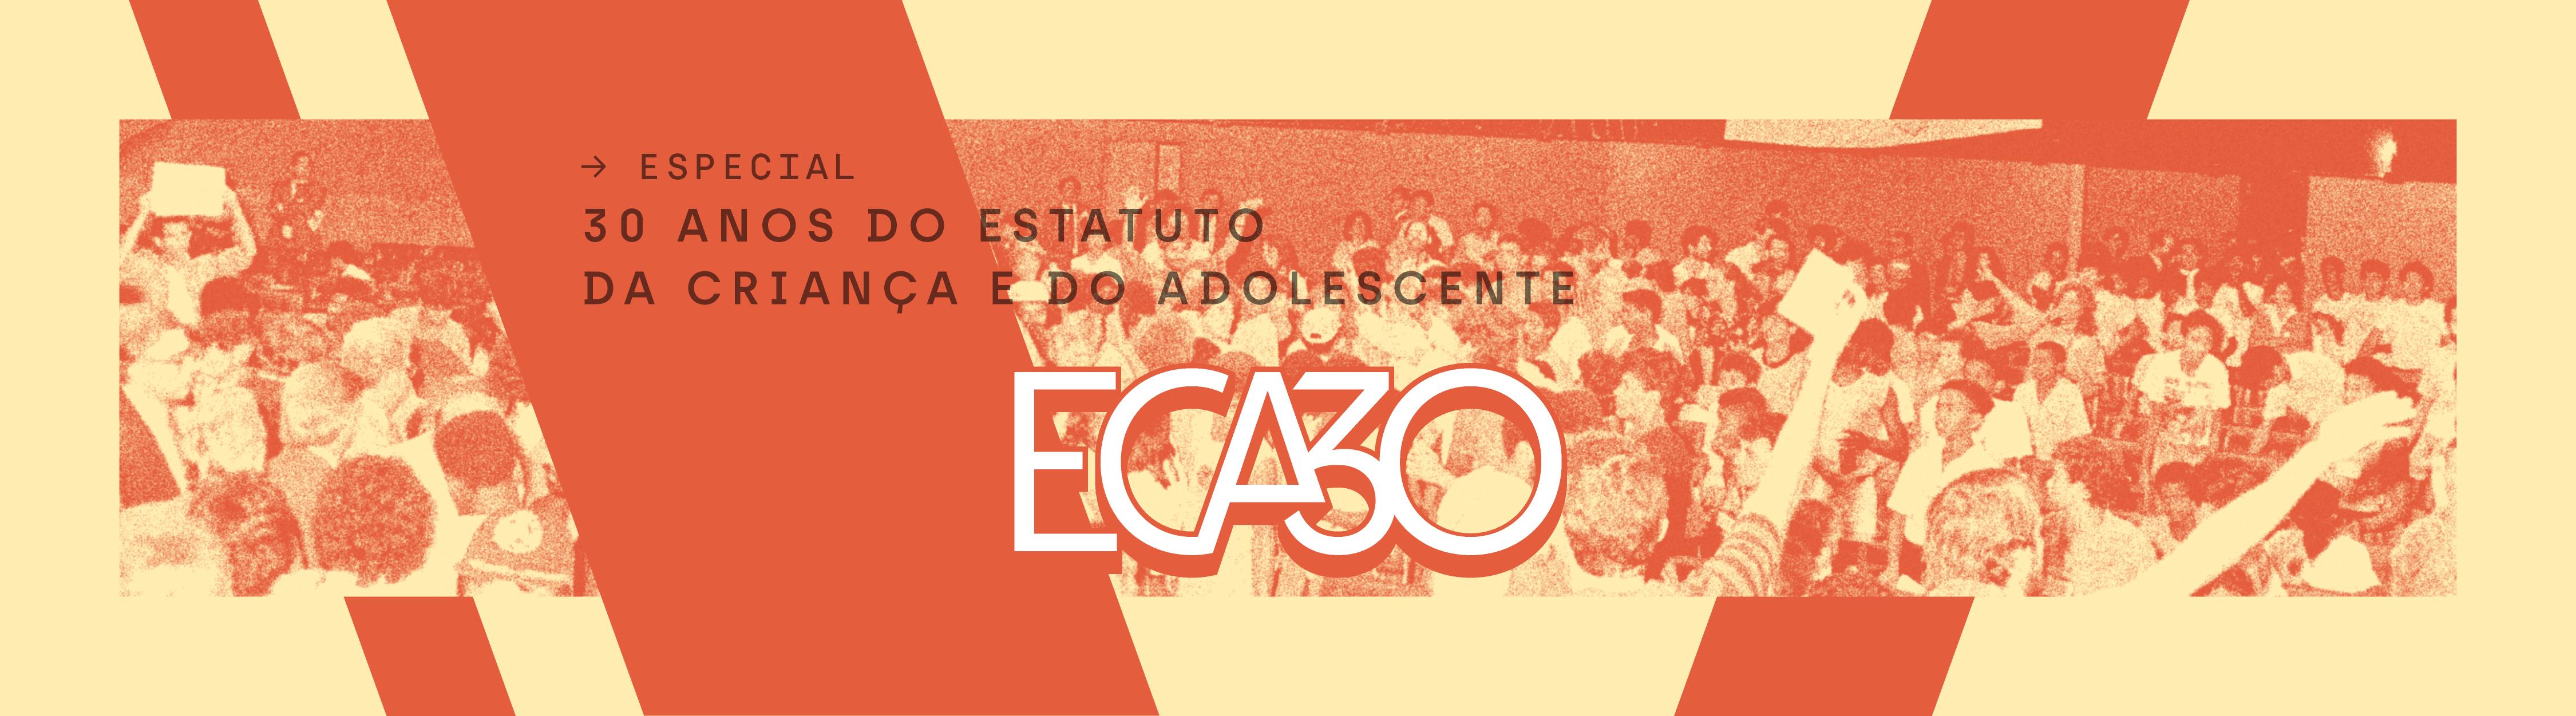 Foto de pessoas no Congresso Nacional durante a aprovação do ECA. Texto na imagem: Especial 30 anos do Estatuto da Criança e do Adolescente | Eca 30 anos